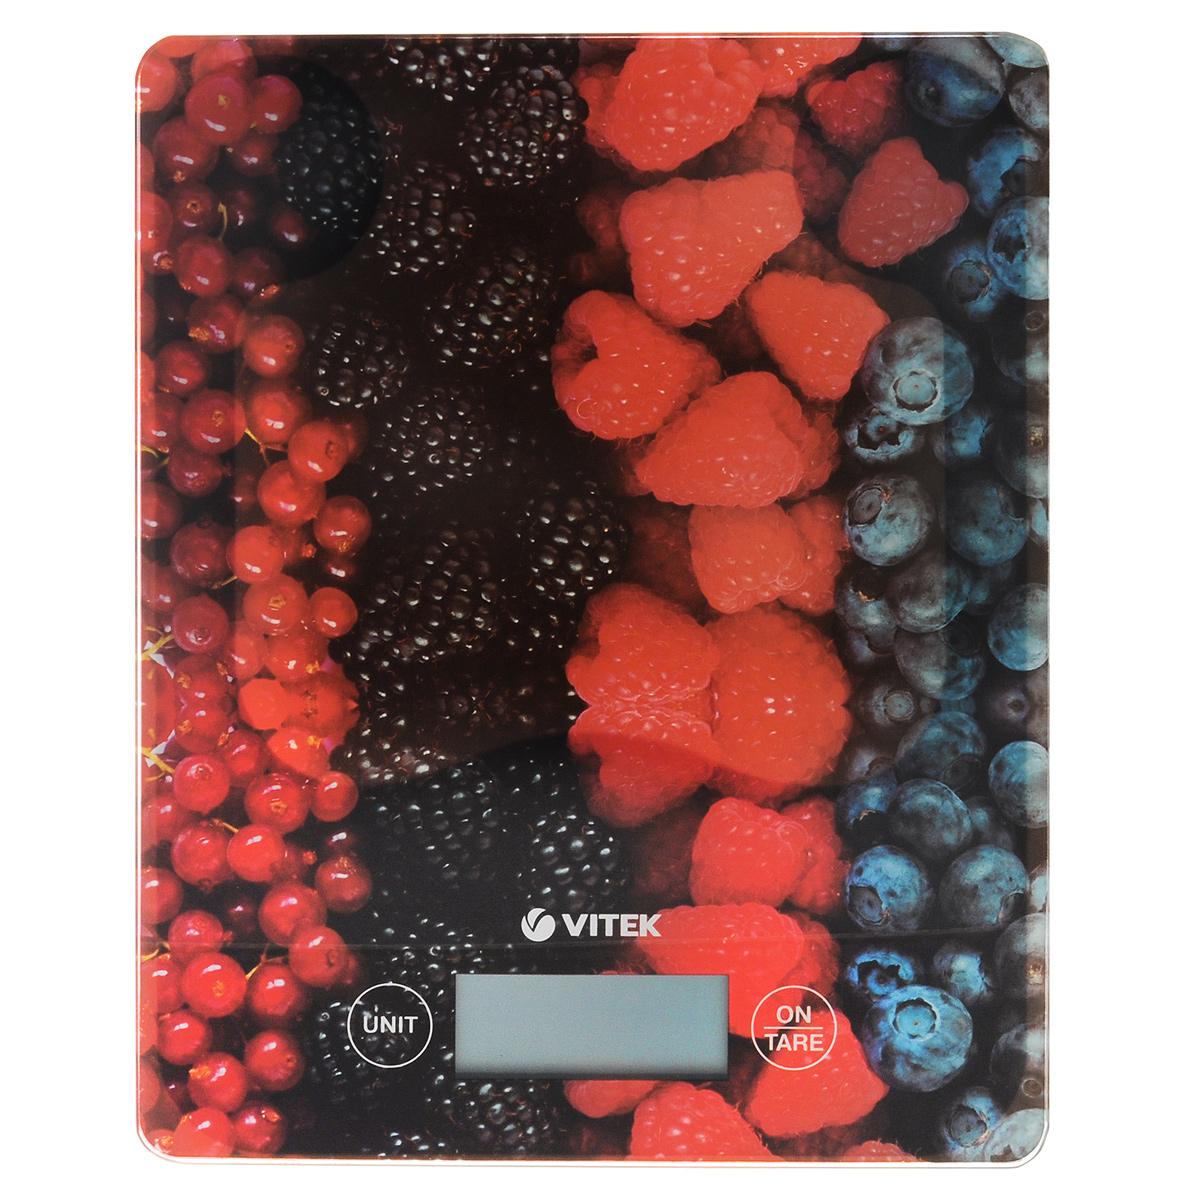 Vitek VT-2422(MC) весы кухонныеVT-2422(MC)Vitek VT-2422(MC) - кухонные весы с сенсорным управлением и платформой стекла. Функция Тара обнуляет массу тары для последовательного взвешивания. Для удобства использования предусмотрена индикация перегрузки и низкого заряда батареи.